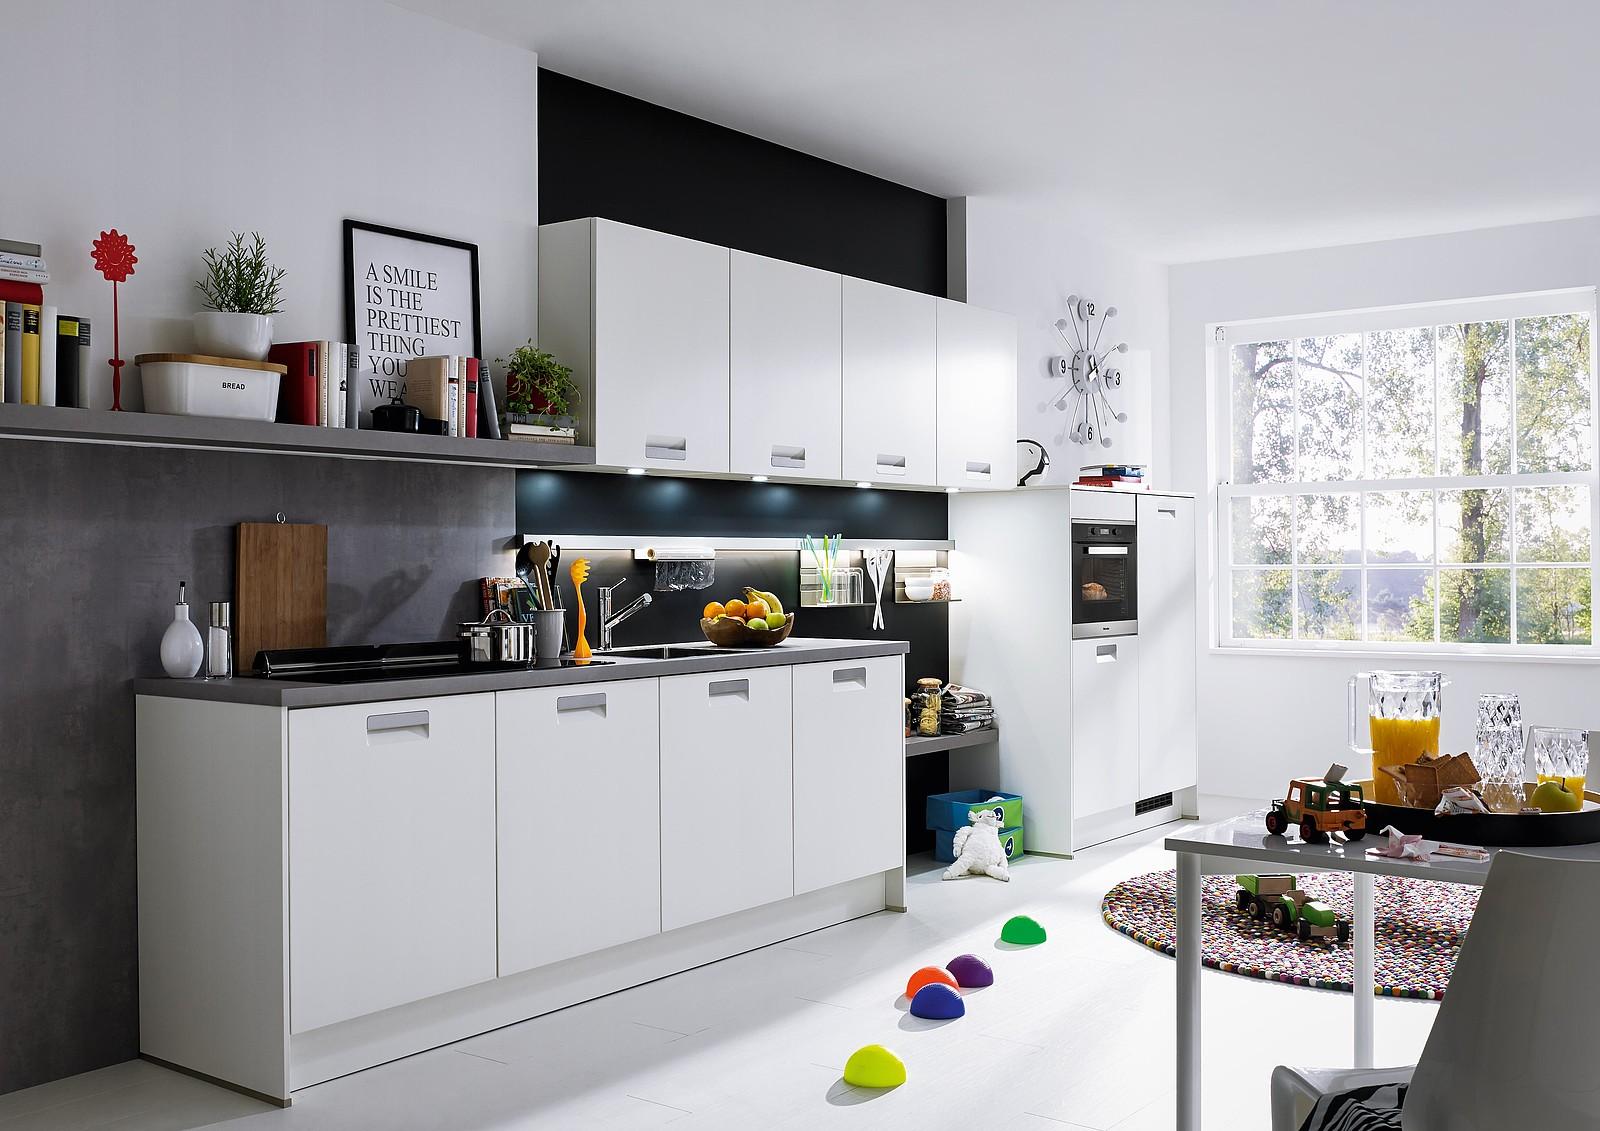 Full Size of Hardeck Küche Planen Küche Planen Potsdam Günstig Küche Planen Küche Planen Und Bestellen Küche Küche Planen